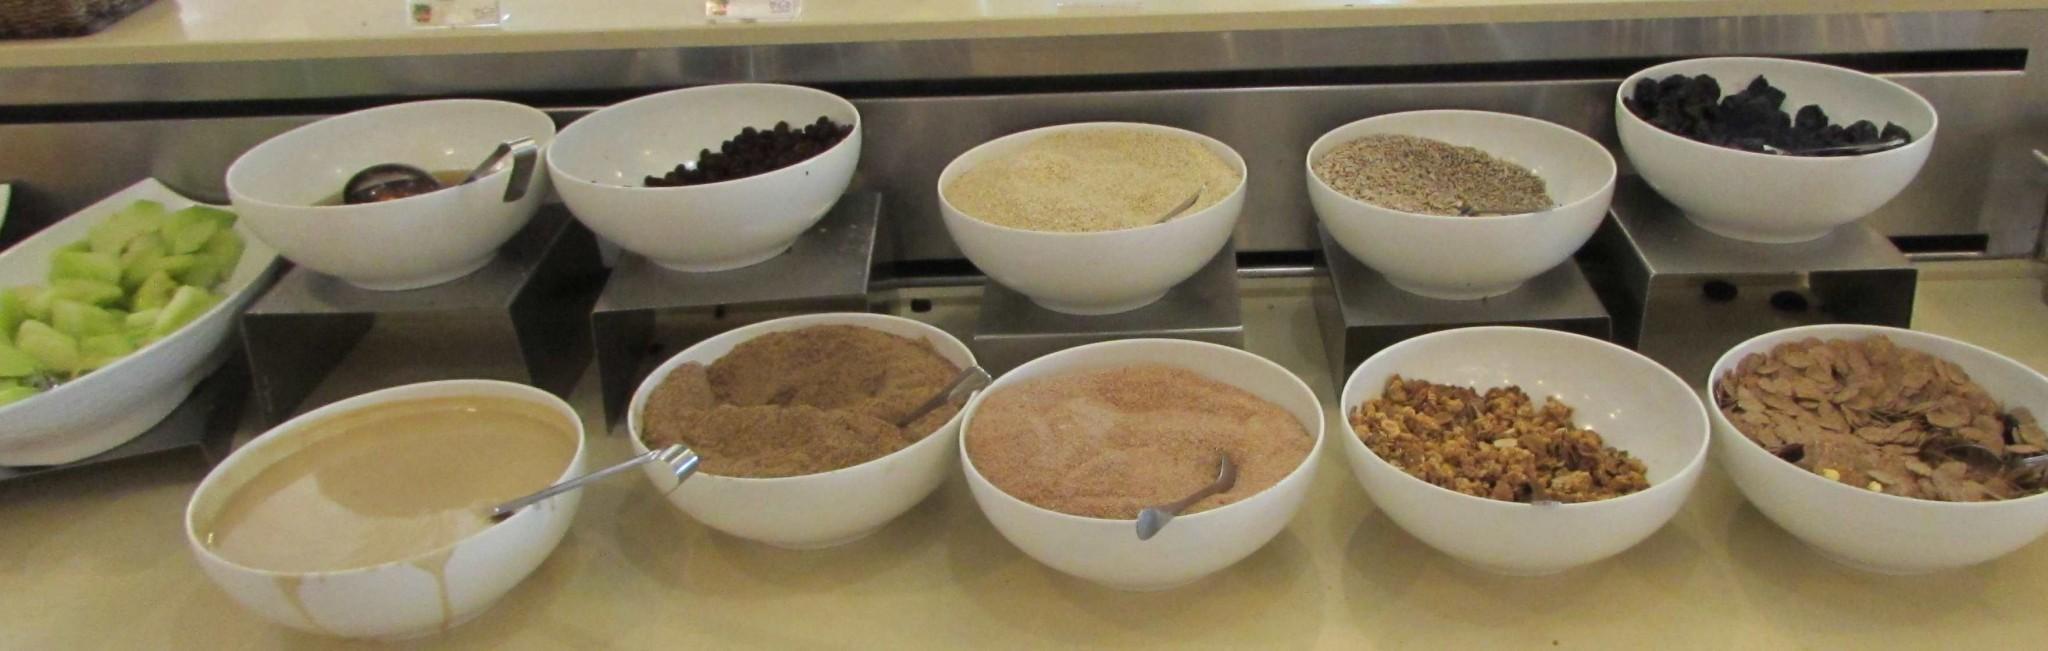 קורנפלקס, פירות יבשים ארוחת בוקר מלון לאונרדו קלאב ים המלח